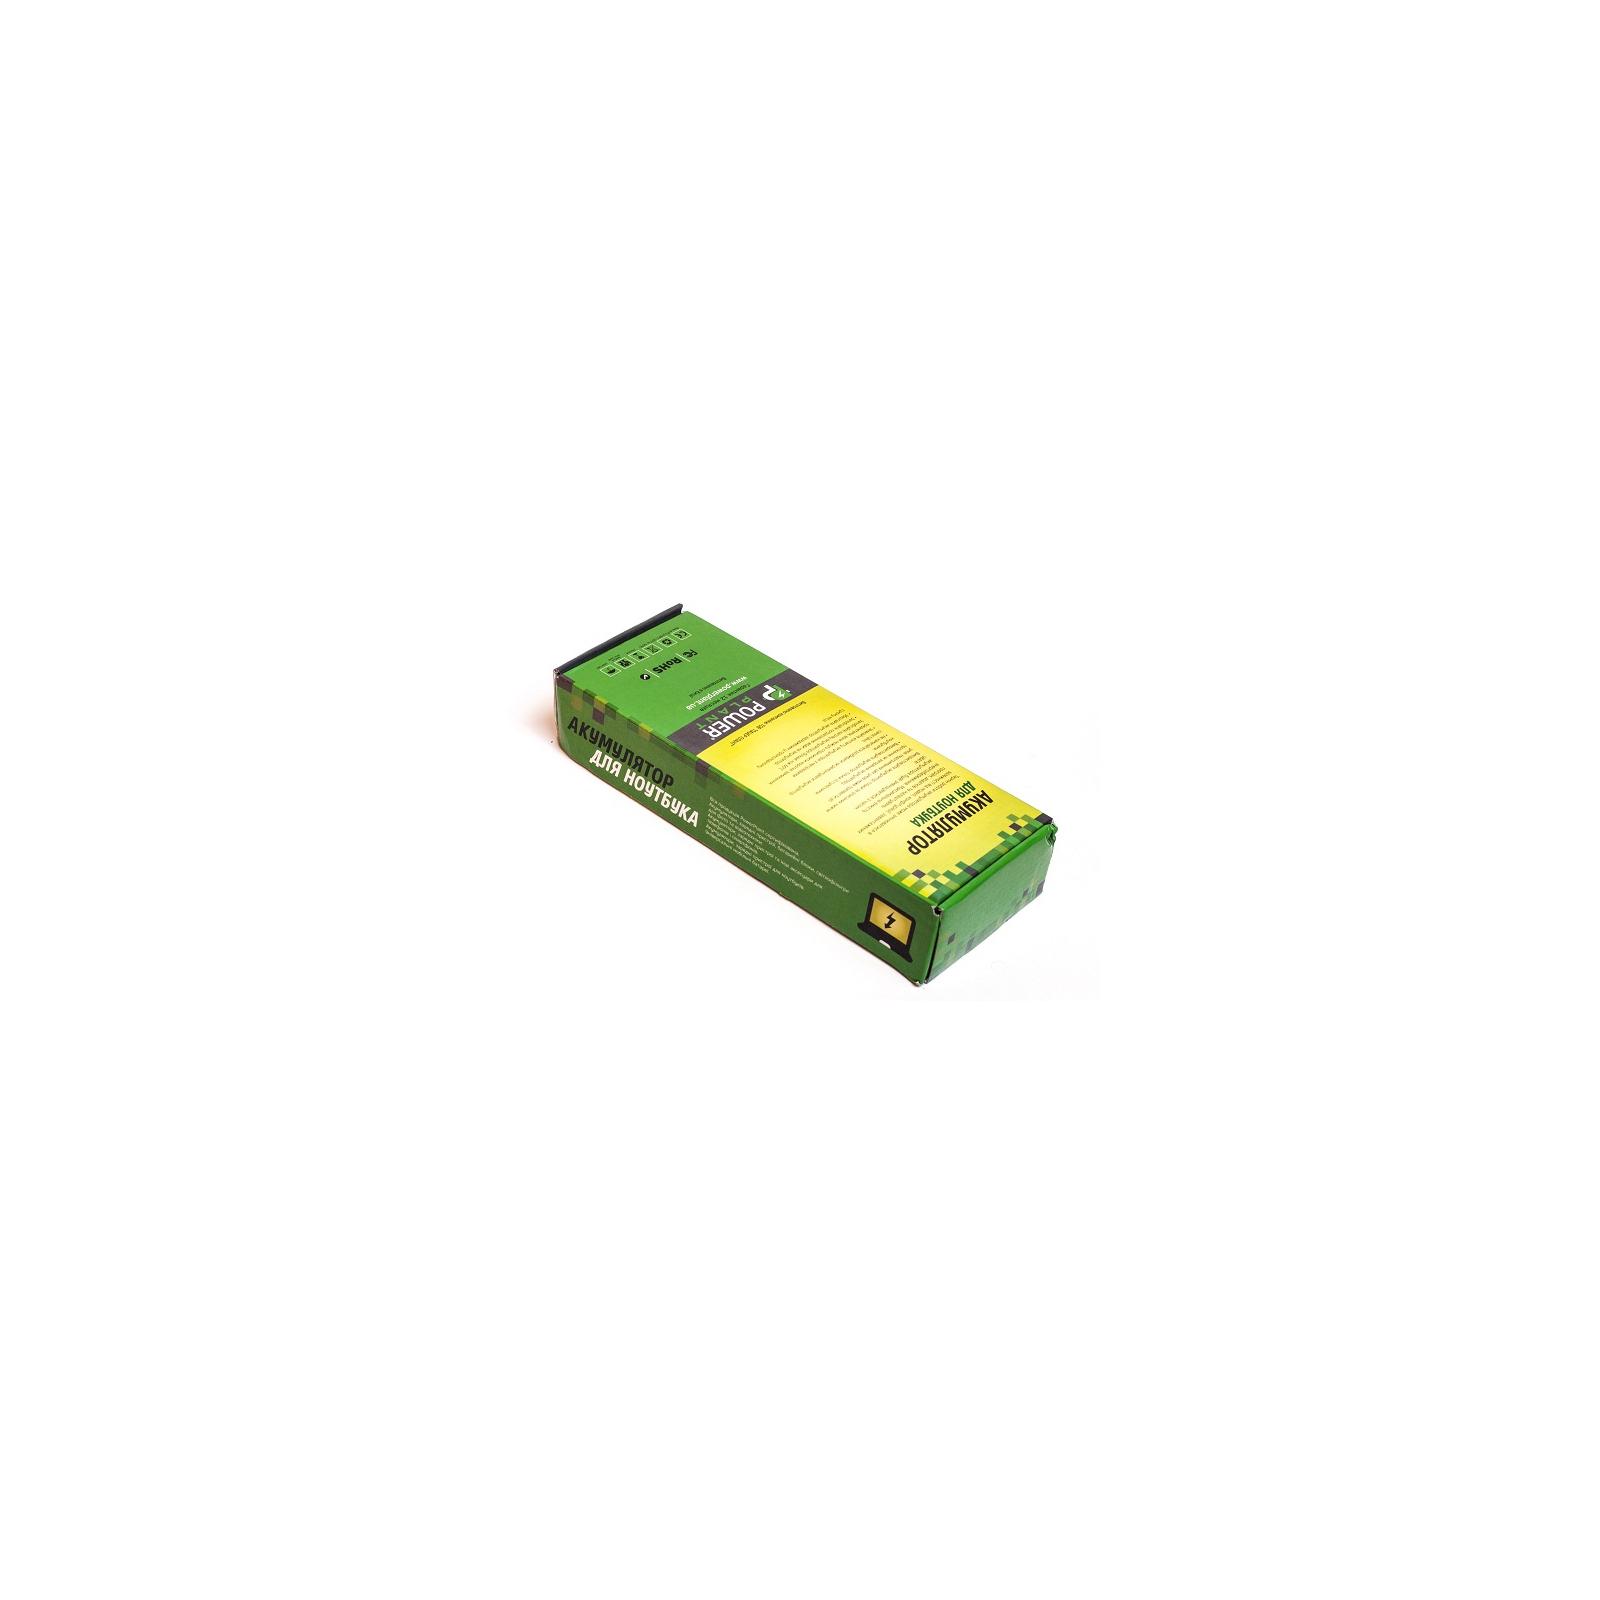 Аккумулятор для ноутбука SAMSUNG NC10 (AA-PB6NC6W, SG1020LH) Black 11.1V 5200mAh PowerPlant (NB00000135) изображение 2